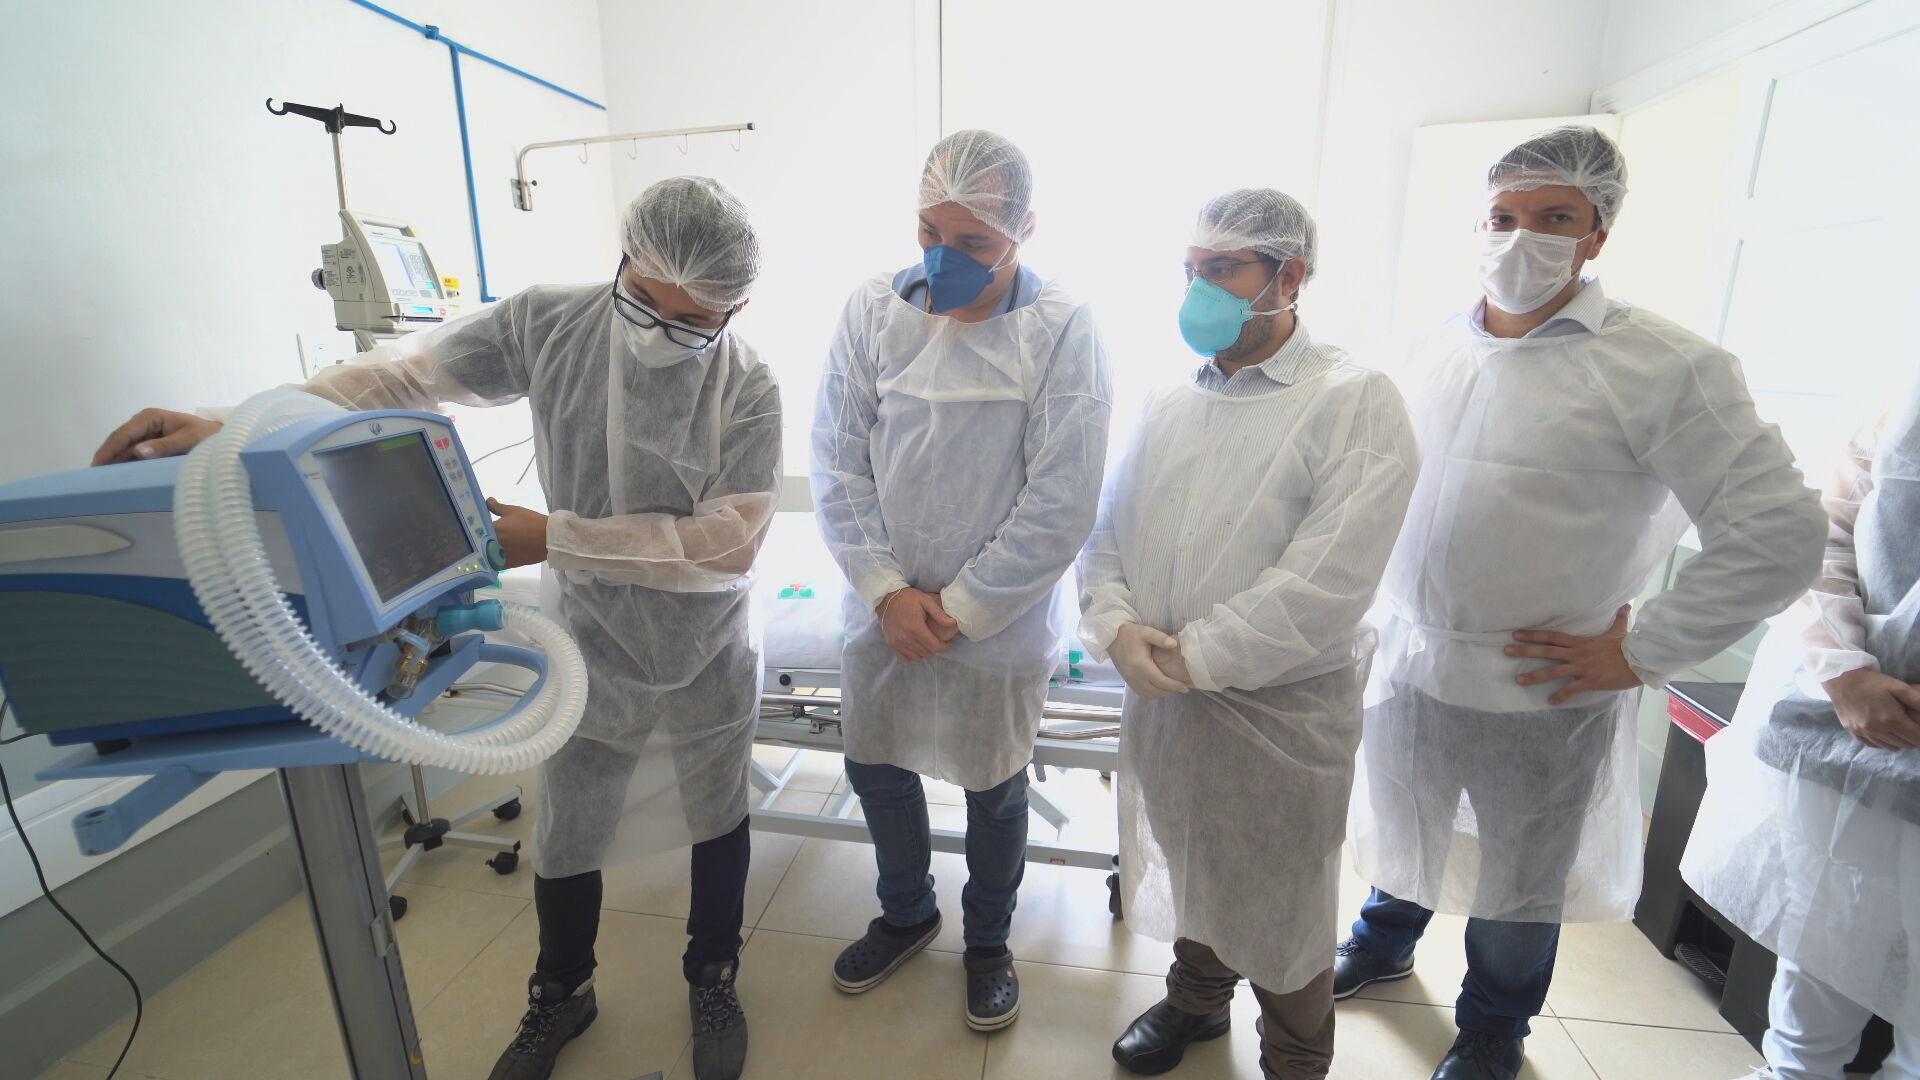 Empresas doam equipamentos a hospitais e apoiam a ciência durante pandemia (05.a